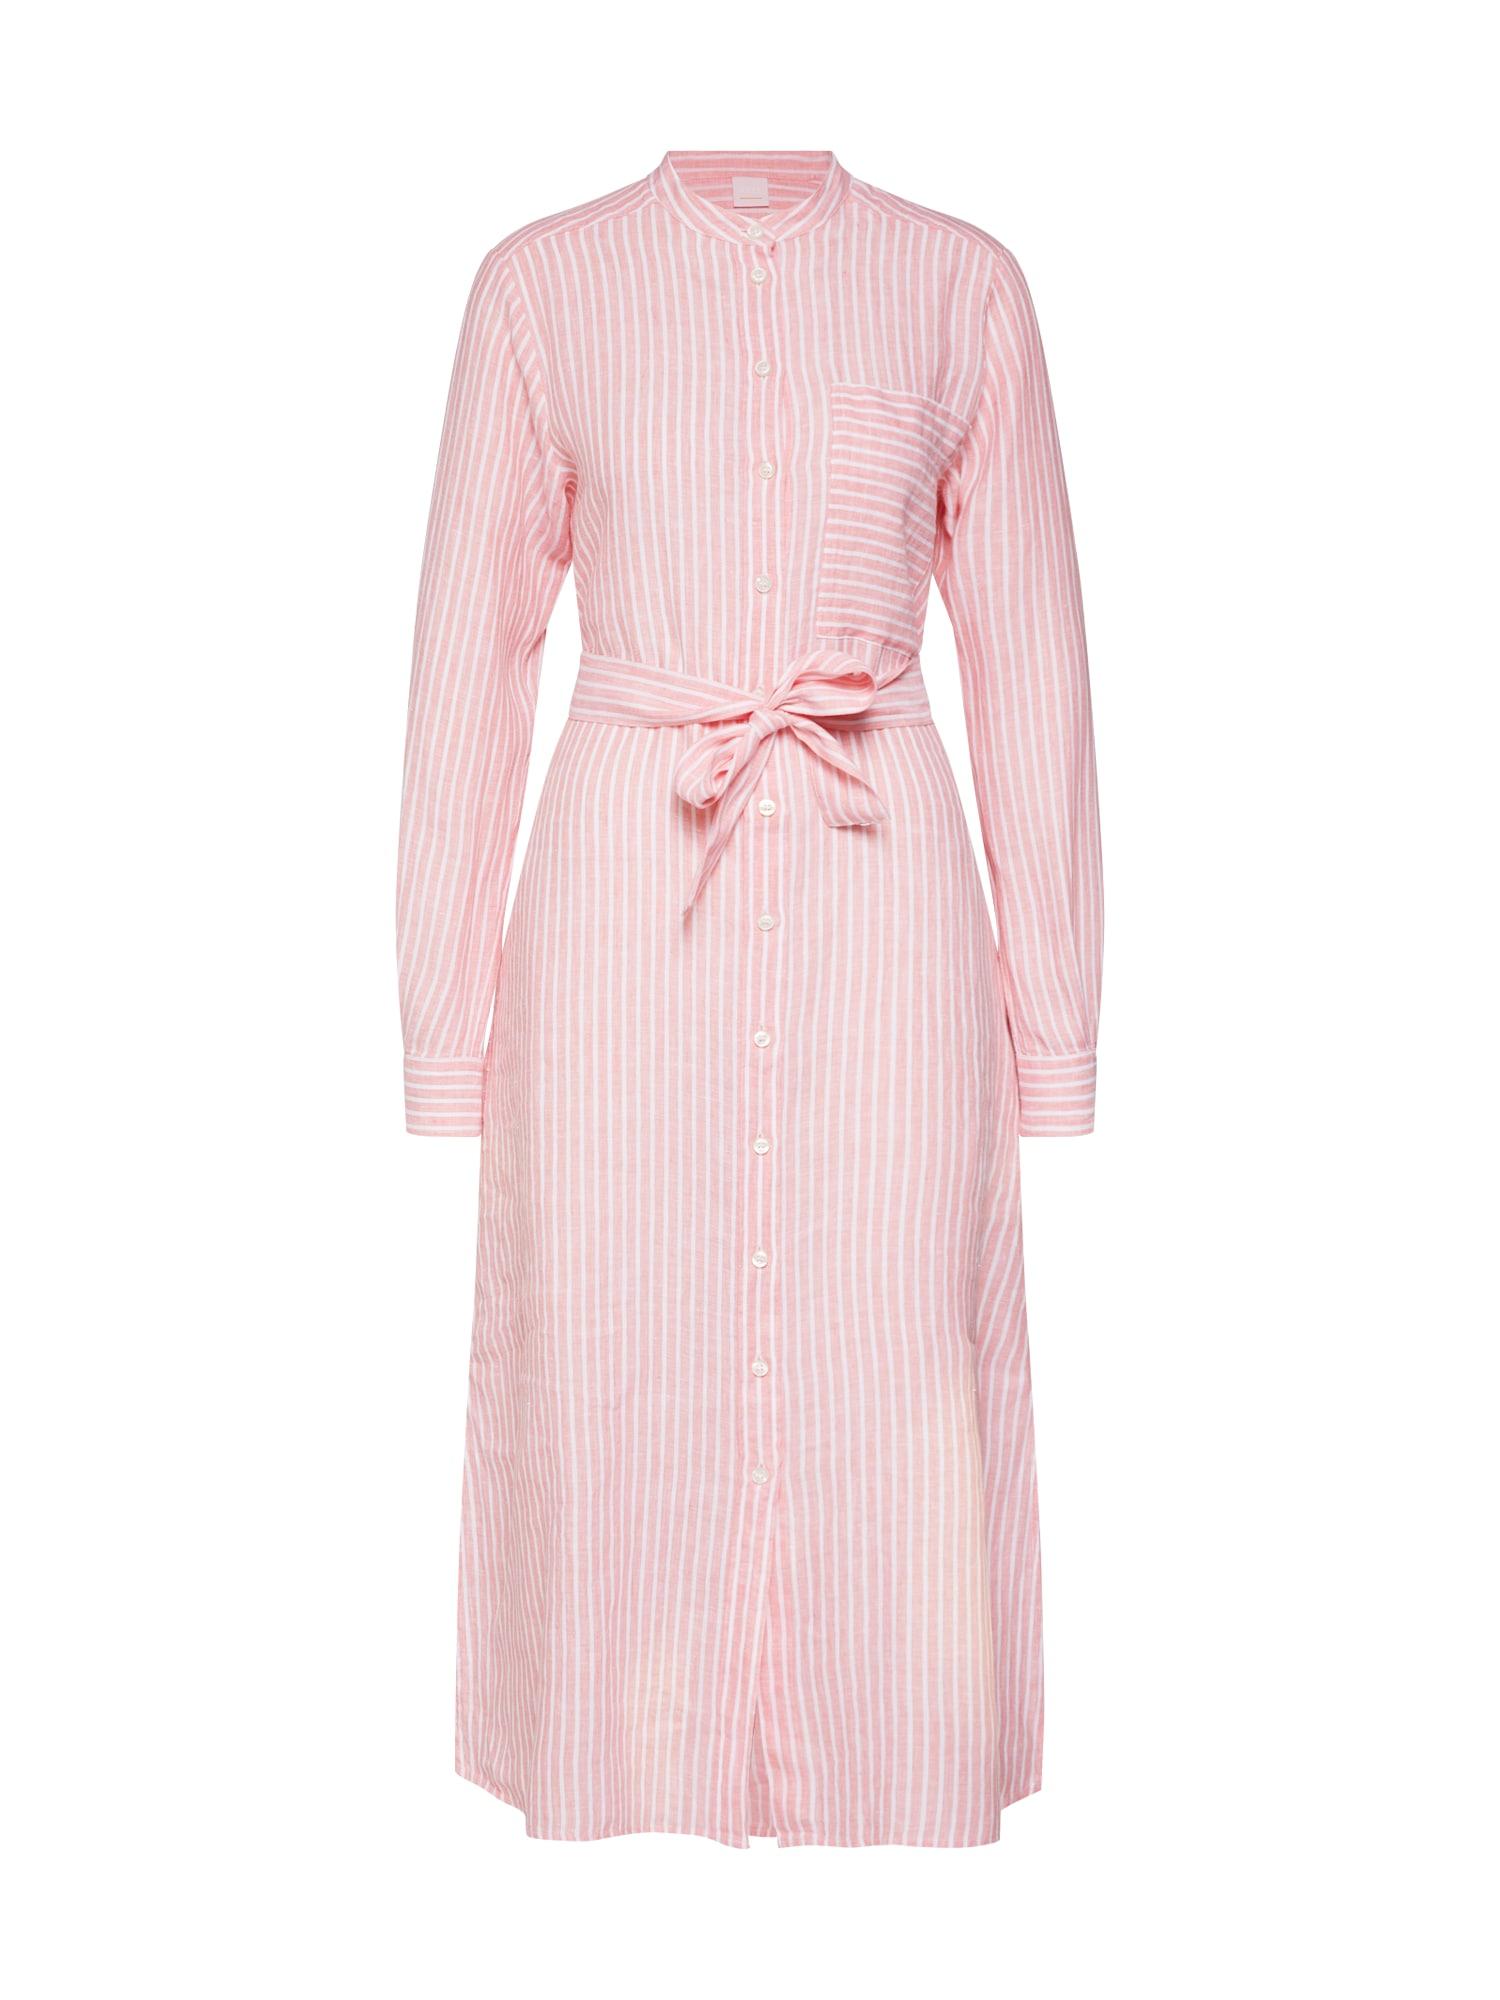 Šaty Camona růžová bílá BOSS